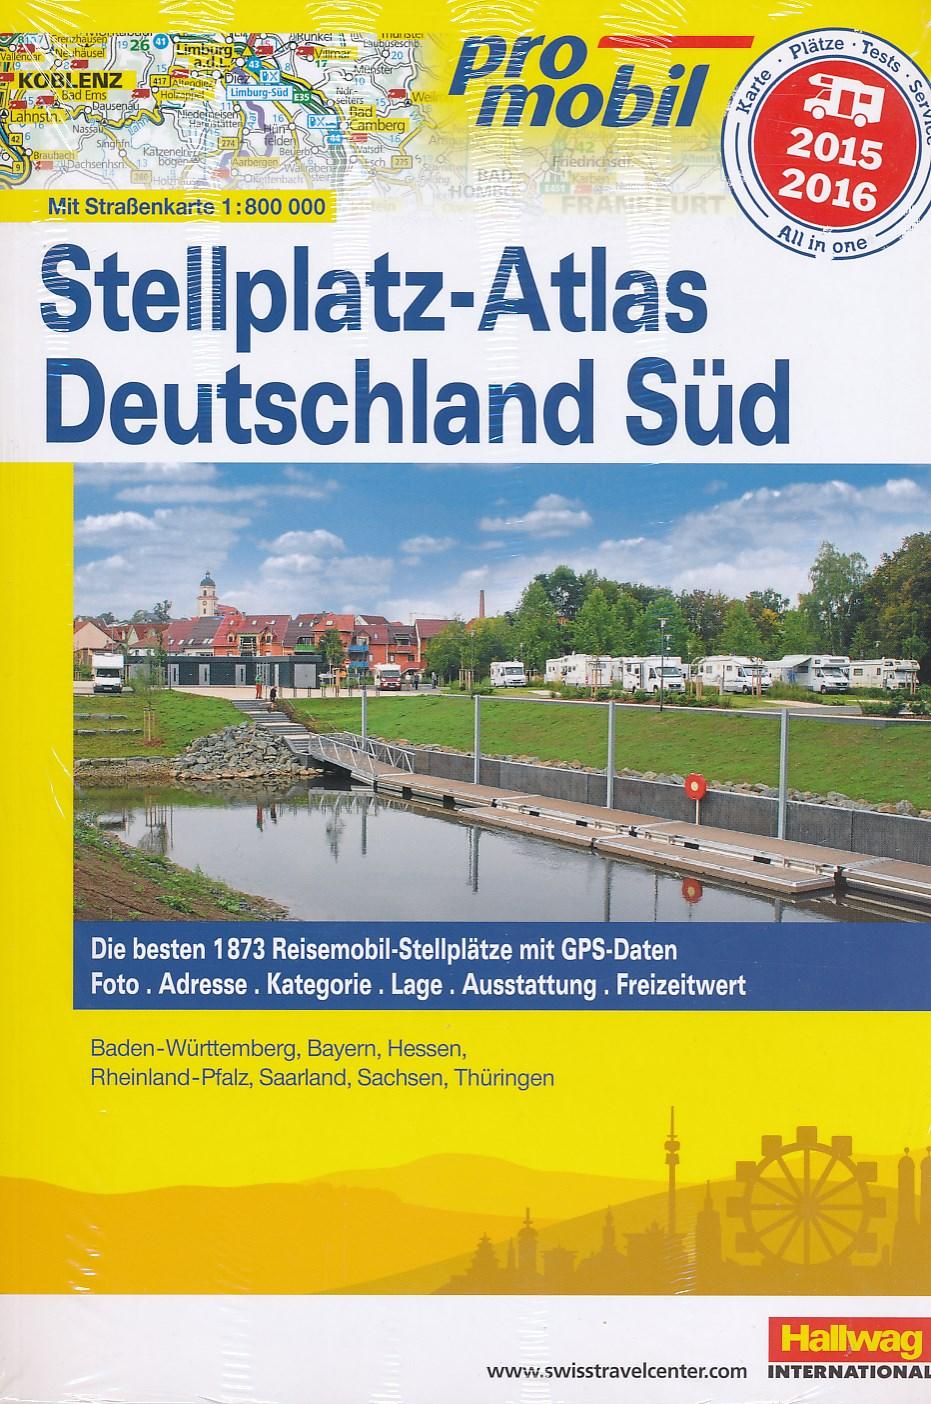 Campergids Duitsland Zuid - Deutschland Sud Stellplatz-Atlas 2015   ProMobil